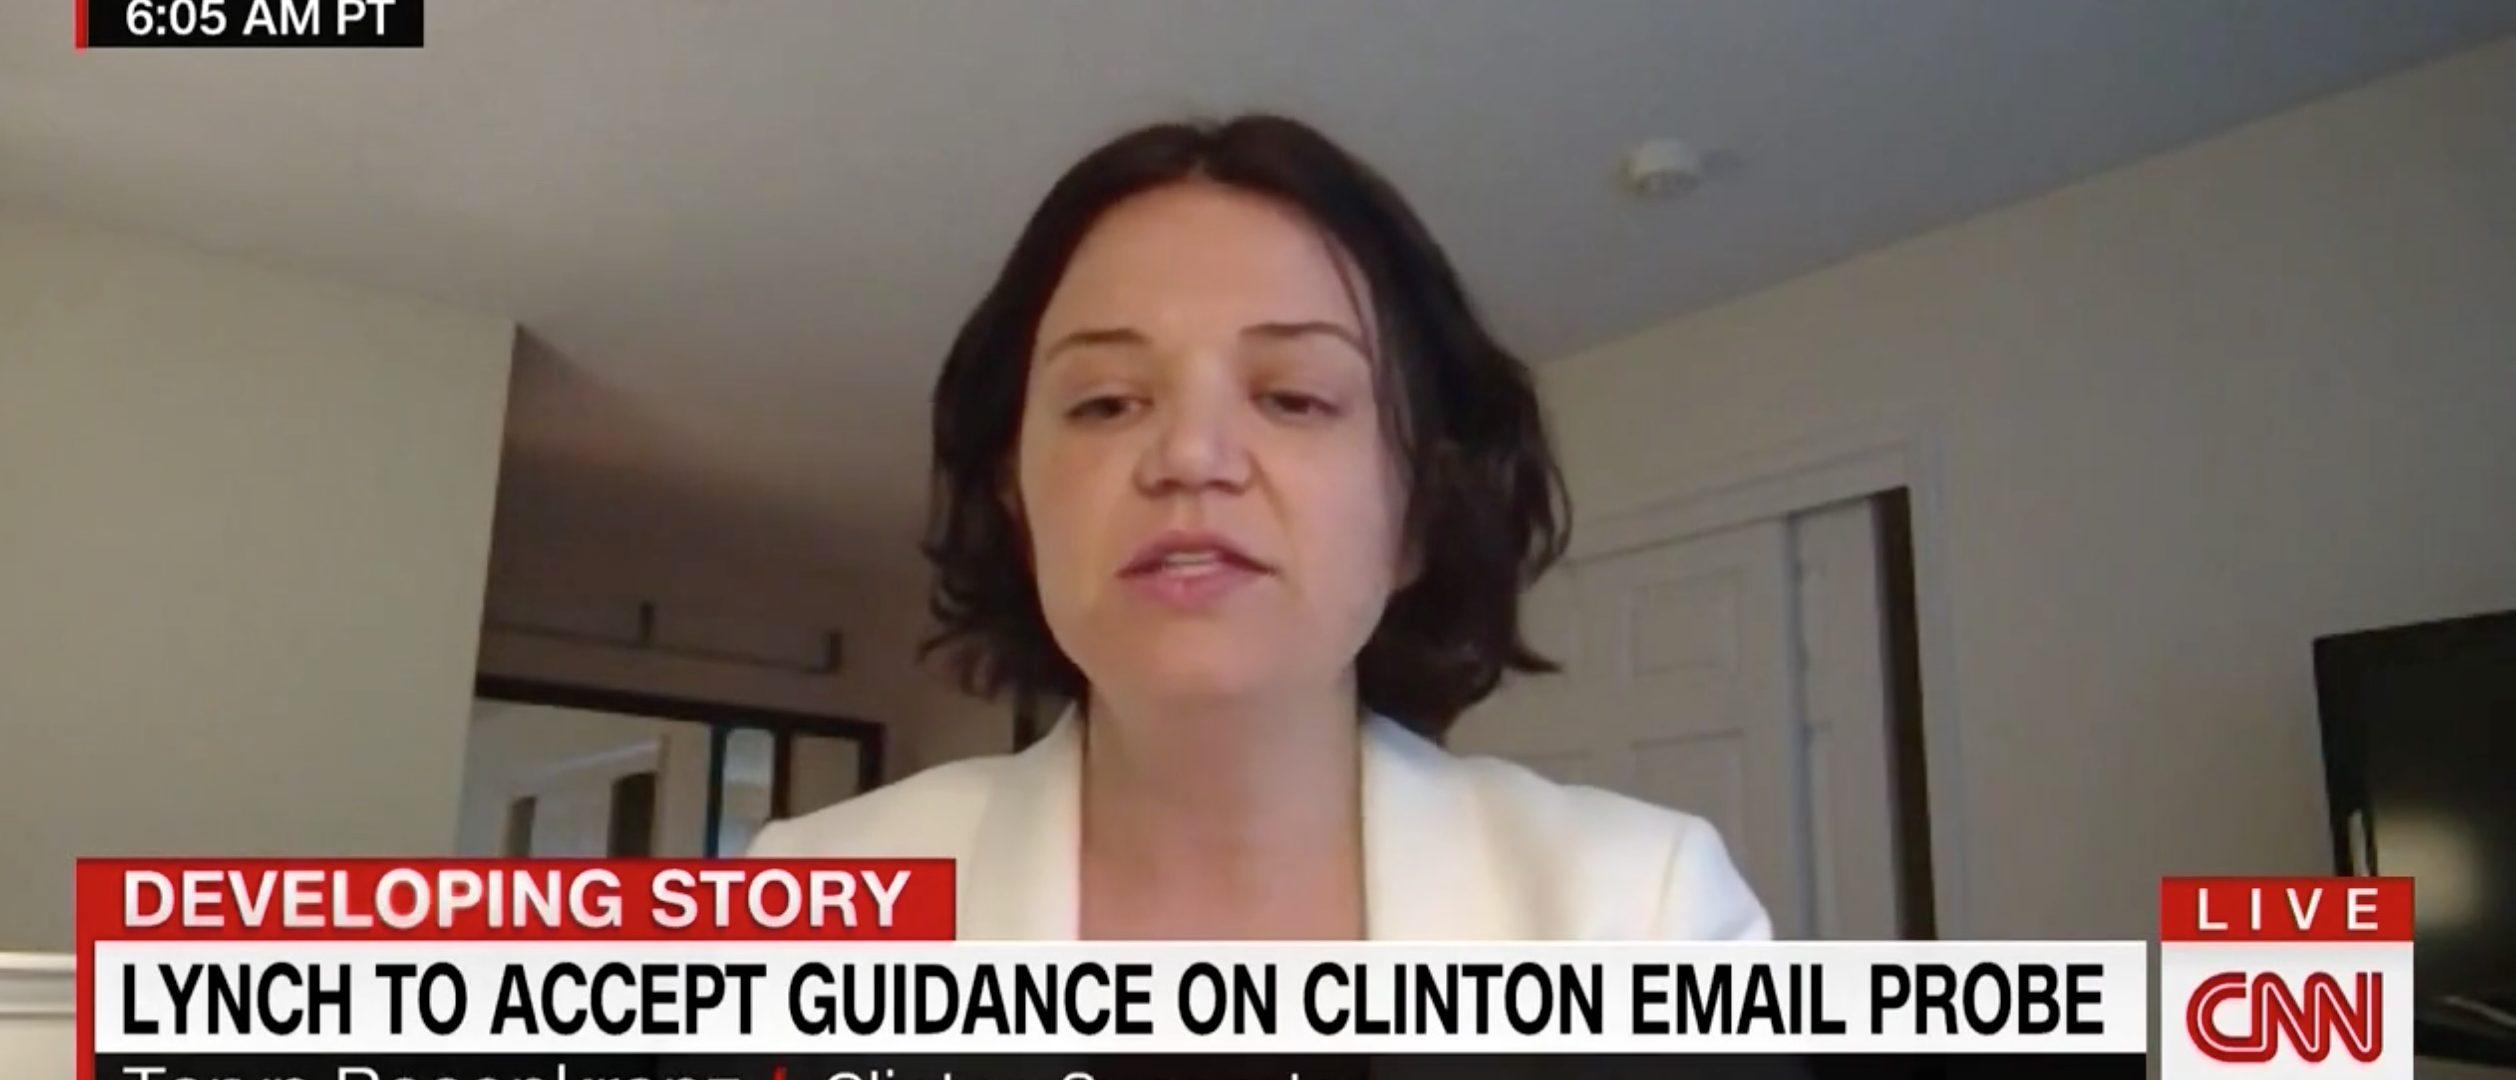 Taryn Rosenkranz, Screen Grab CNN, 7-1-2016